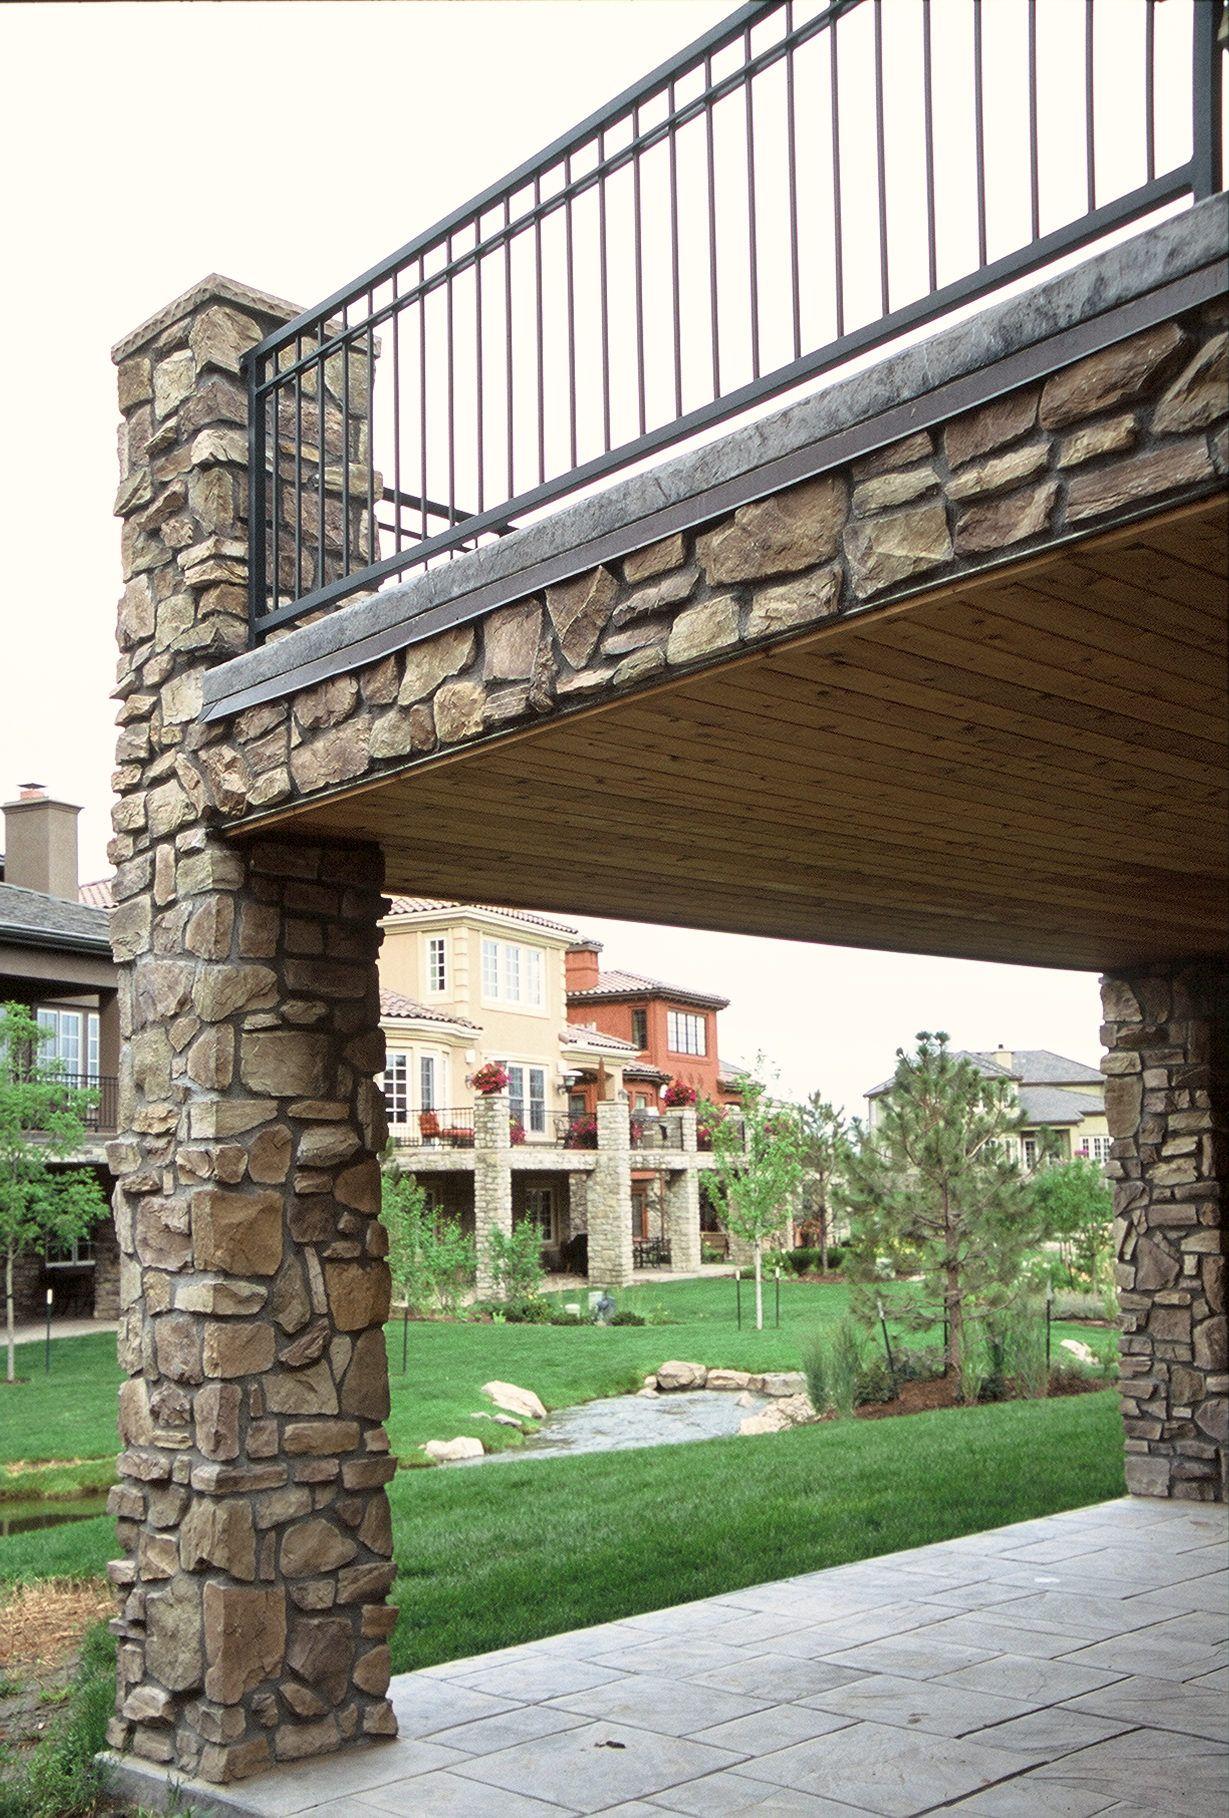 Raised Concrete Patio Deck | Deck Plan Ideas on Raised Concrete Patio Ideas id=59130